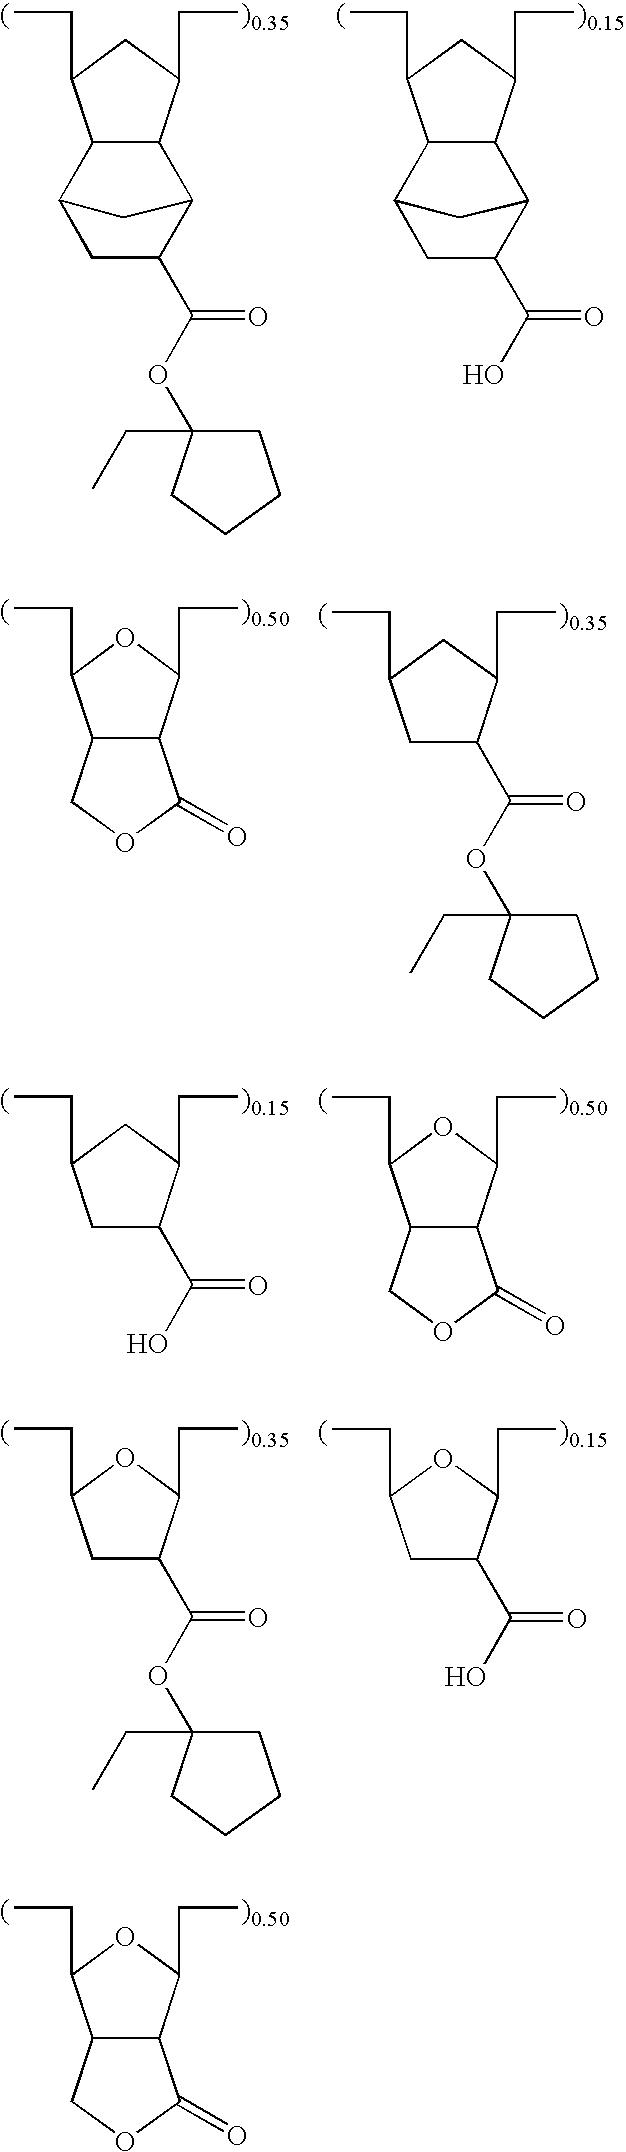 Figure US20080026331A1-20080131-C00069